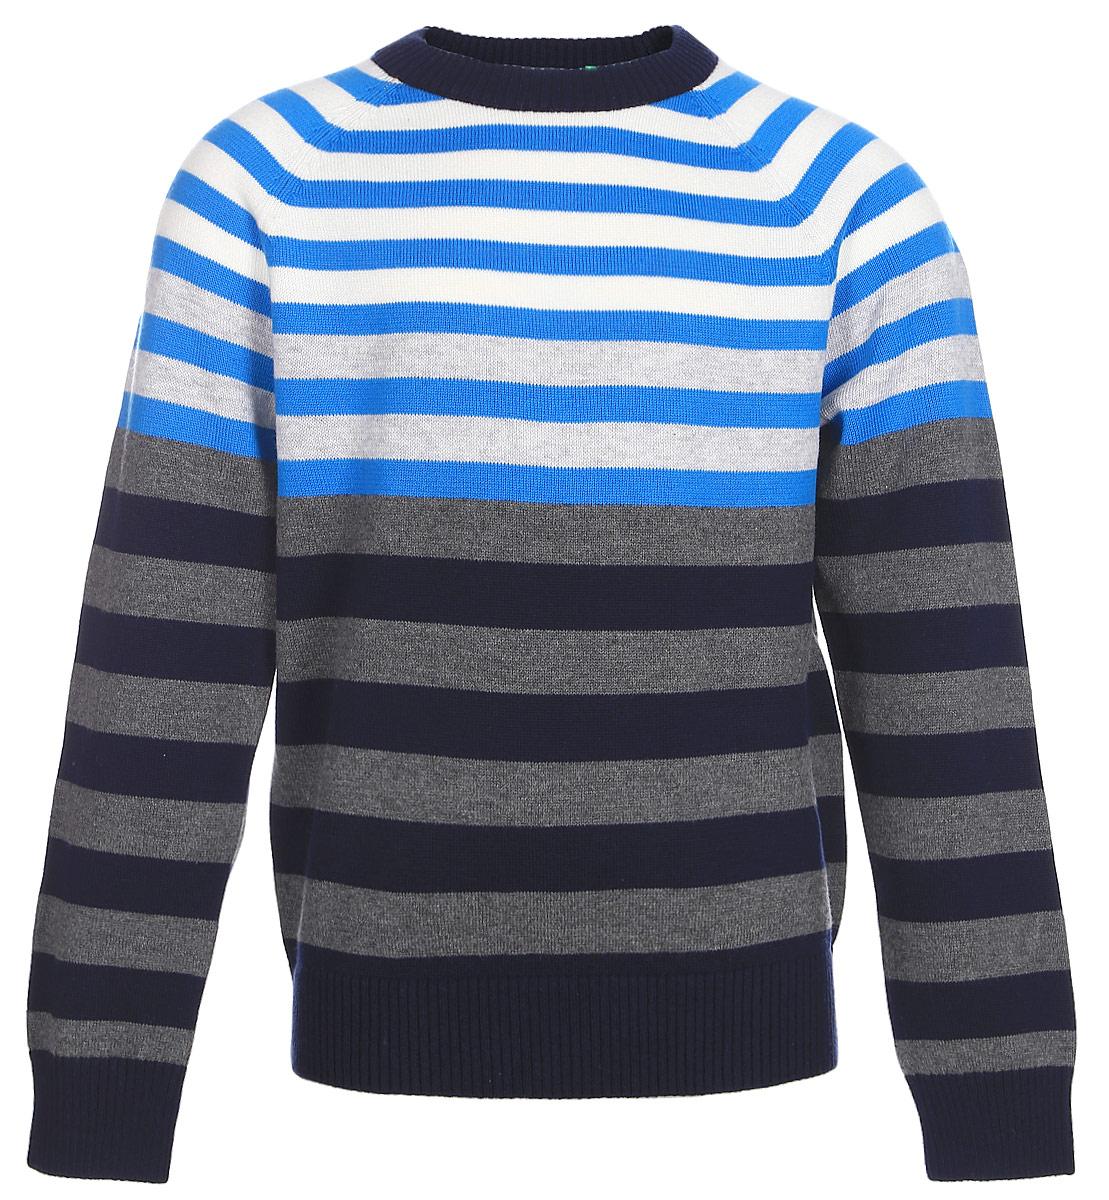 Джемпер для мальчика Sela, цвет: синий. JR-714/172-7310. Размер 98JR-714/172-7310Стильный джемпер для мальчика Sela поможет создать модный образ и станет отличным дополнением повседневного гардероба. Модель прямого кроя с длинными рукавами-реглан изготовлена из натурального хлопкового трикотажа мелкой вязки в полоску. Круглый вырез горловины, манжеты рукавов и низ изделия связаны резинкой. Модель подойдет для прогулок и дружеских встреч и будет отлично сочетаться с джинсами и брюками.